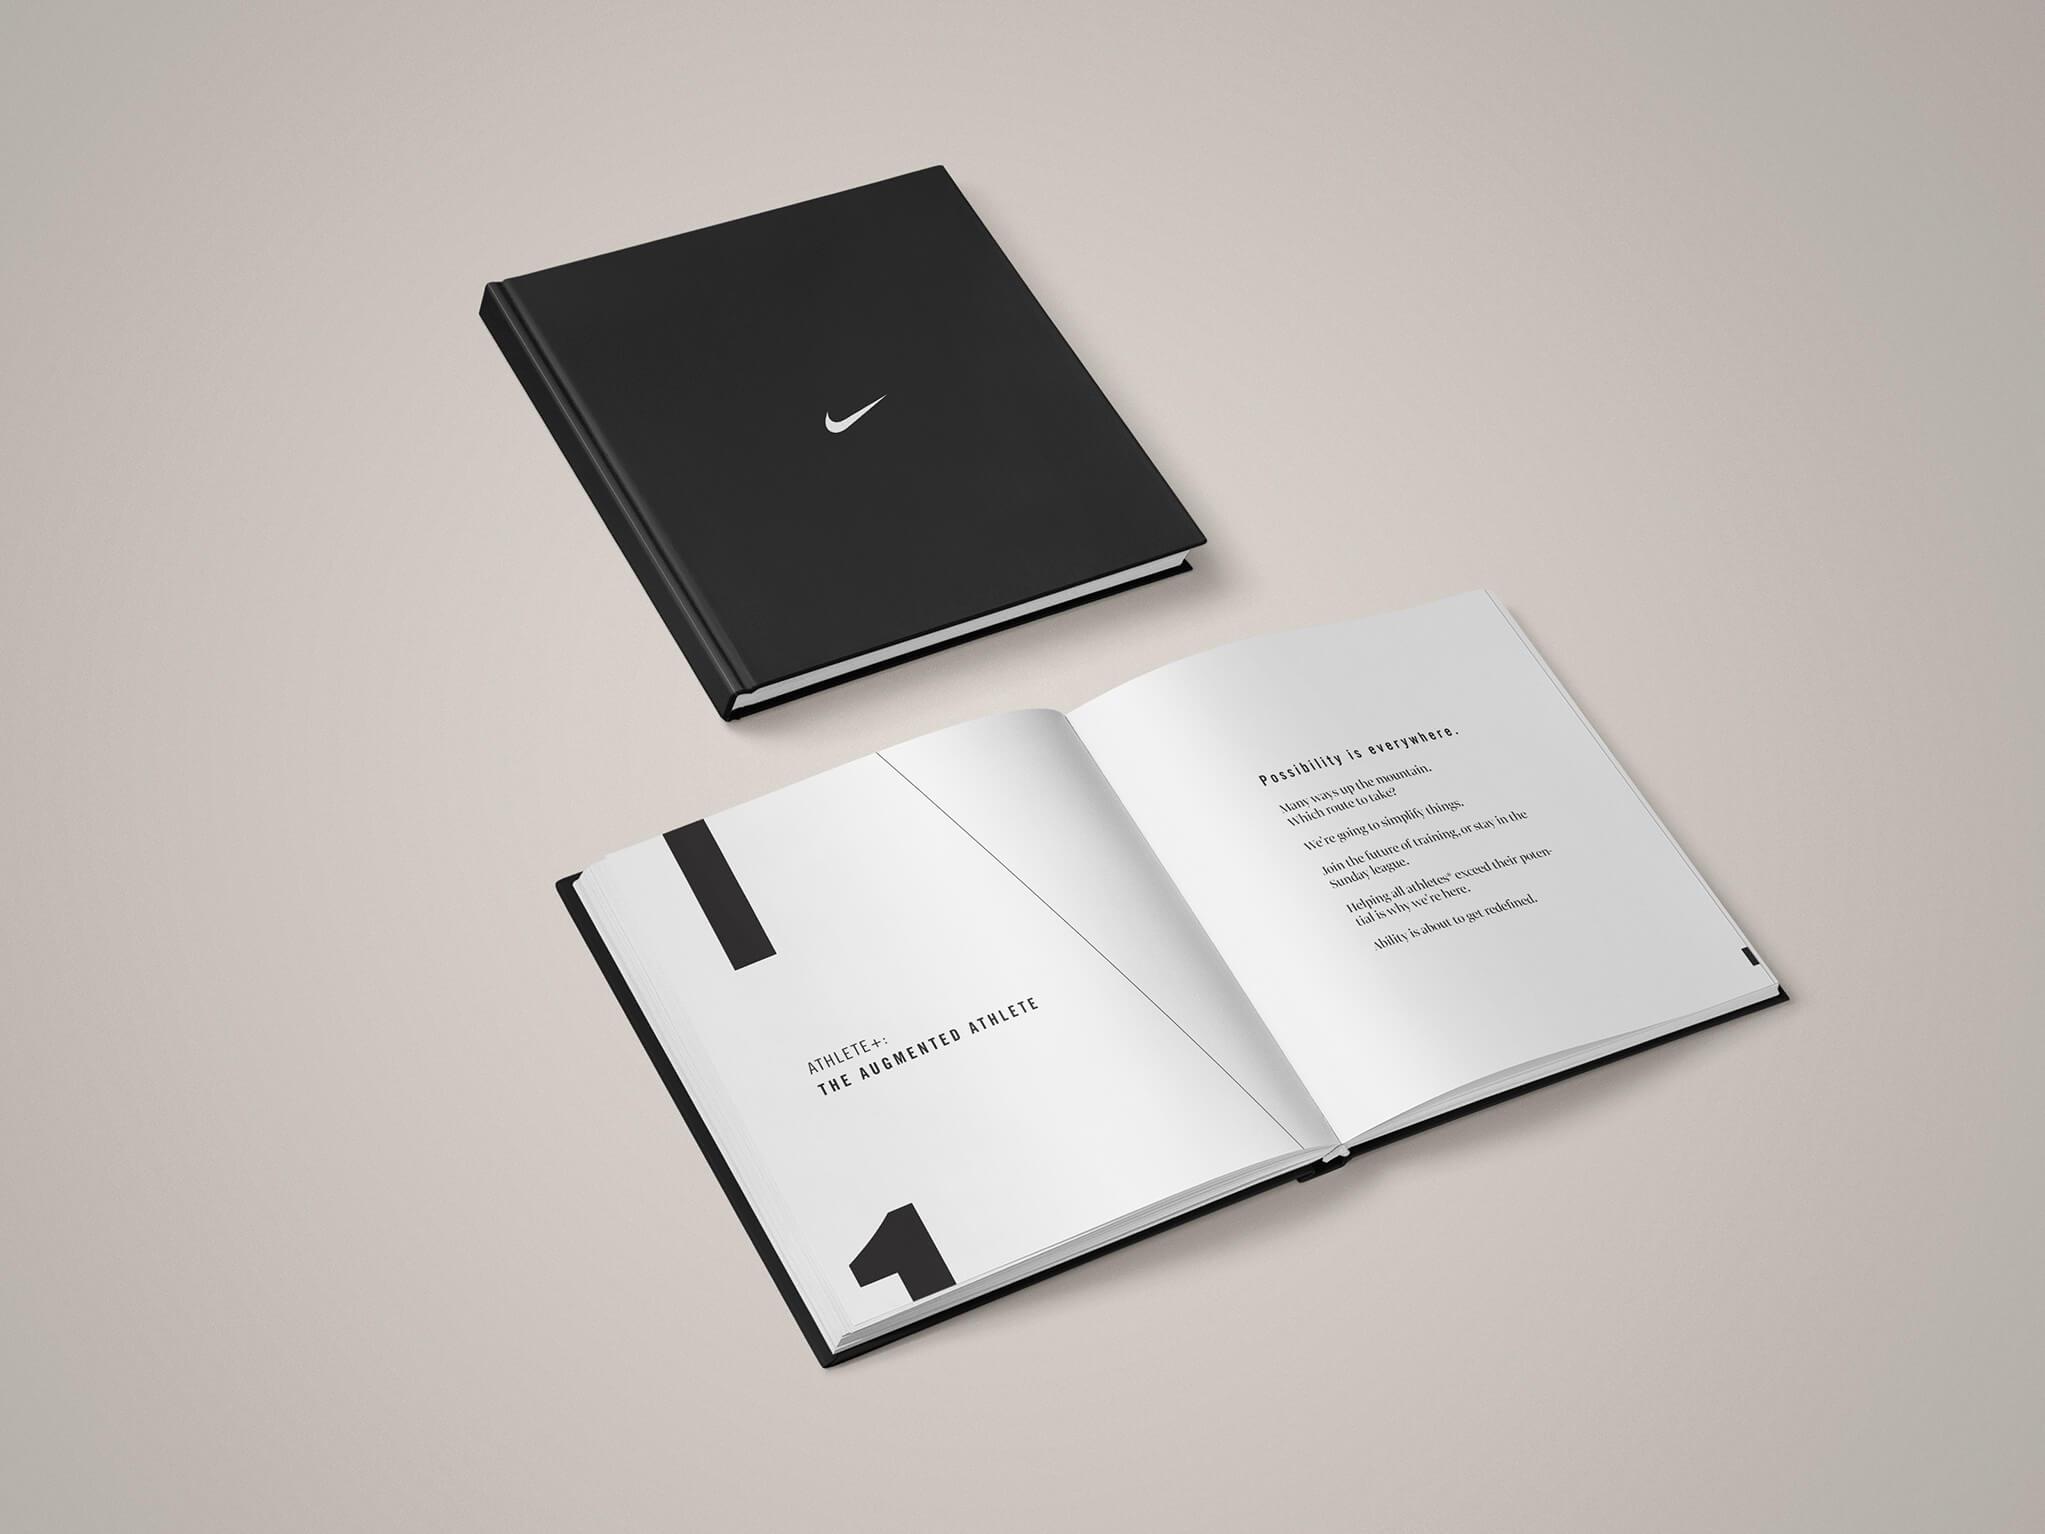 NIKE-BOOK20170507_008